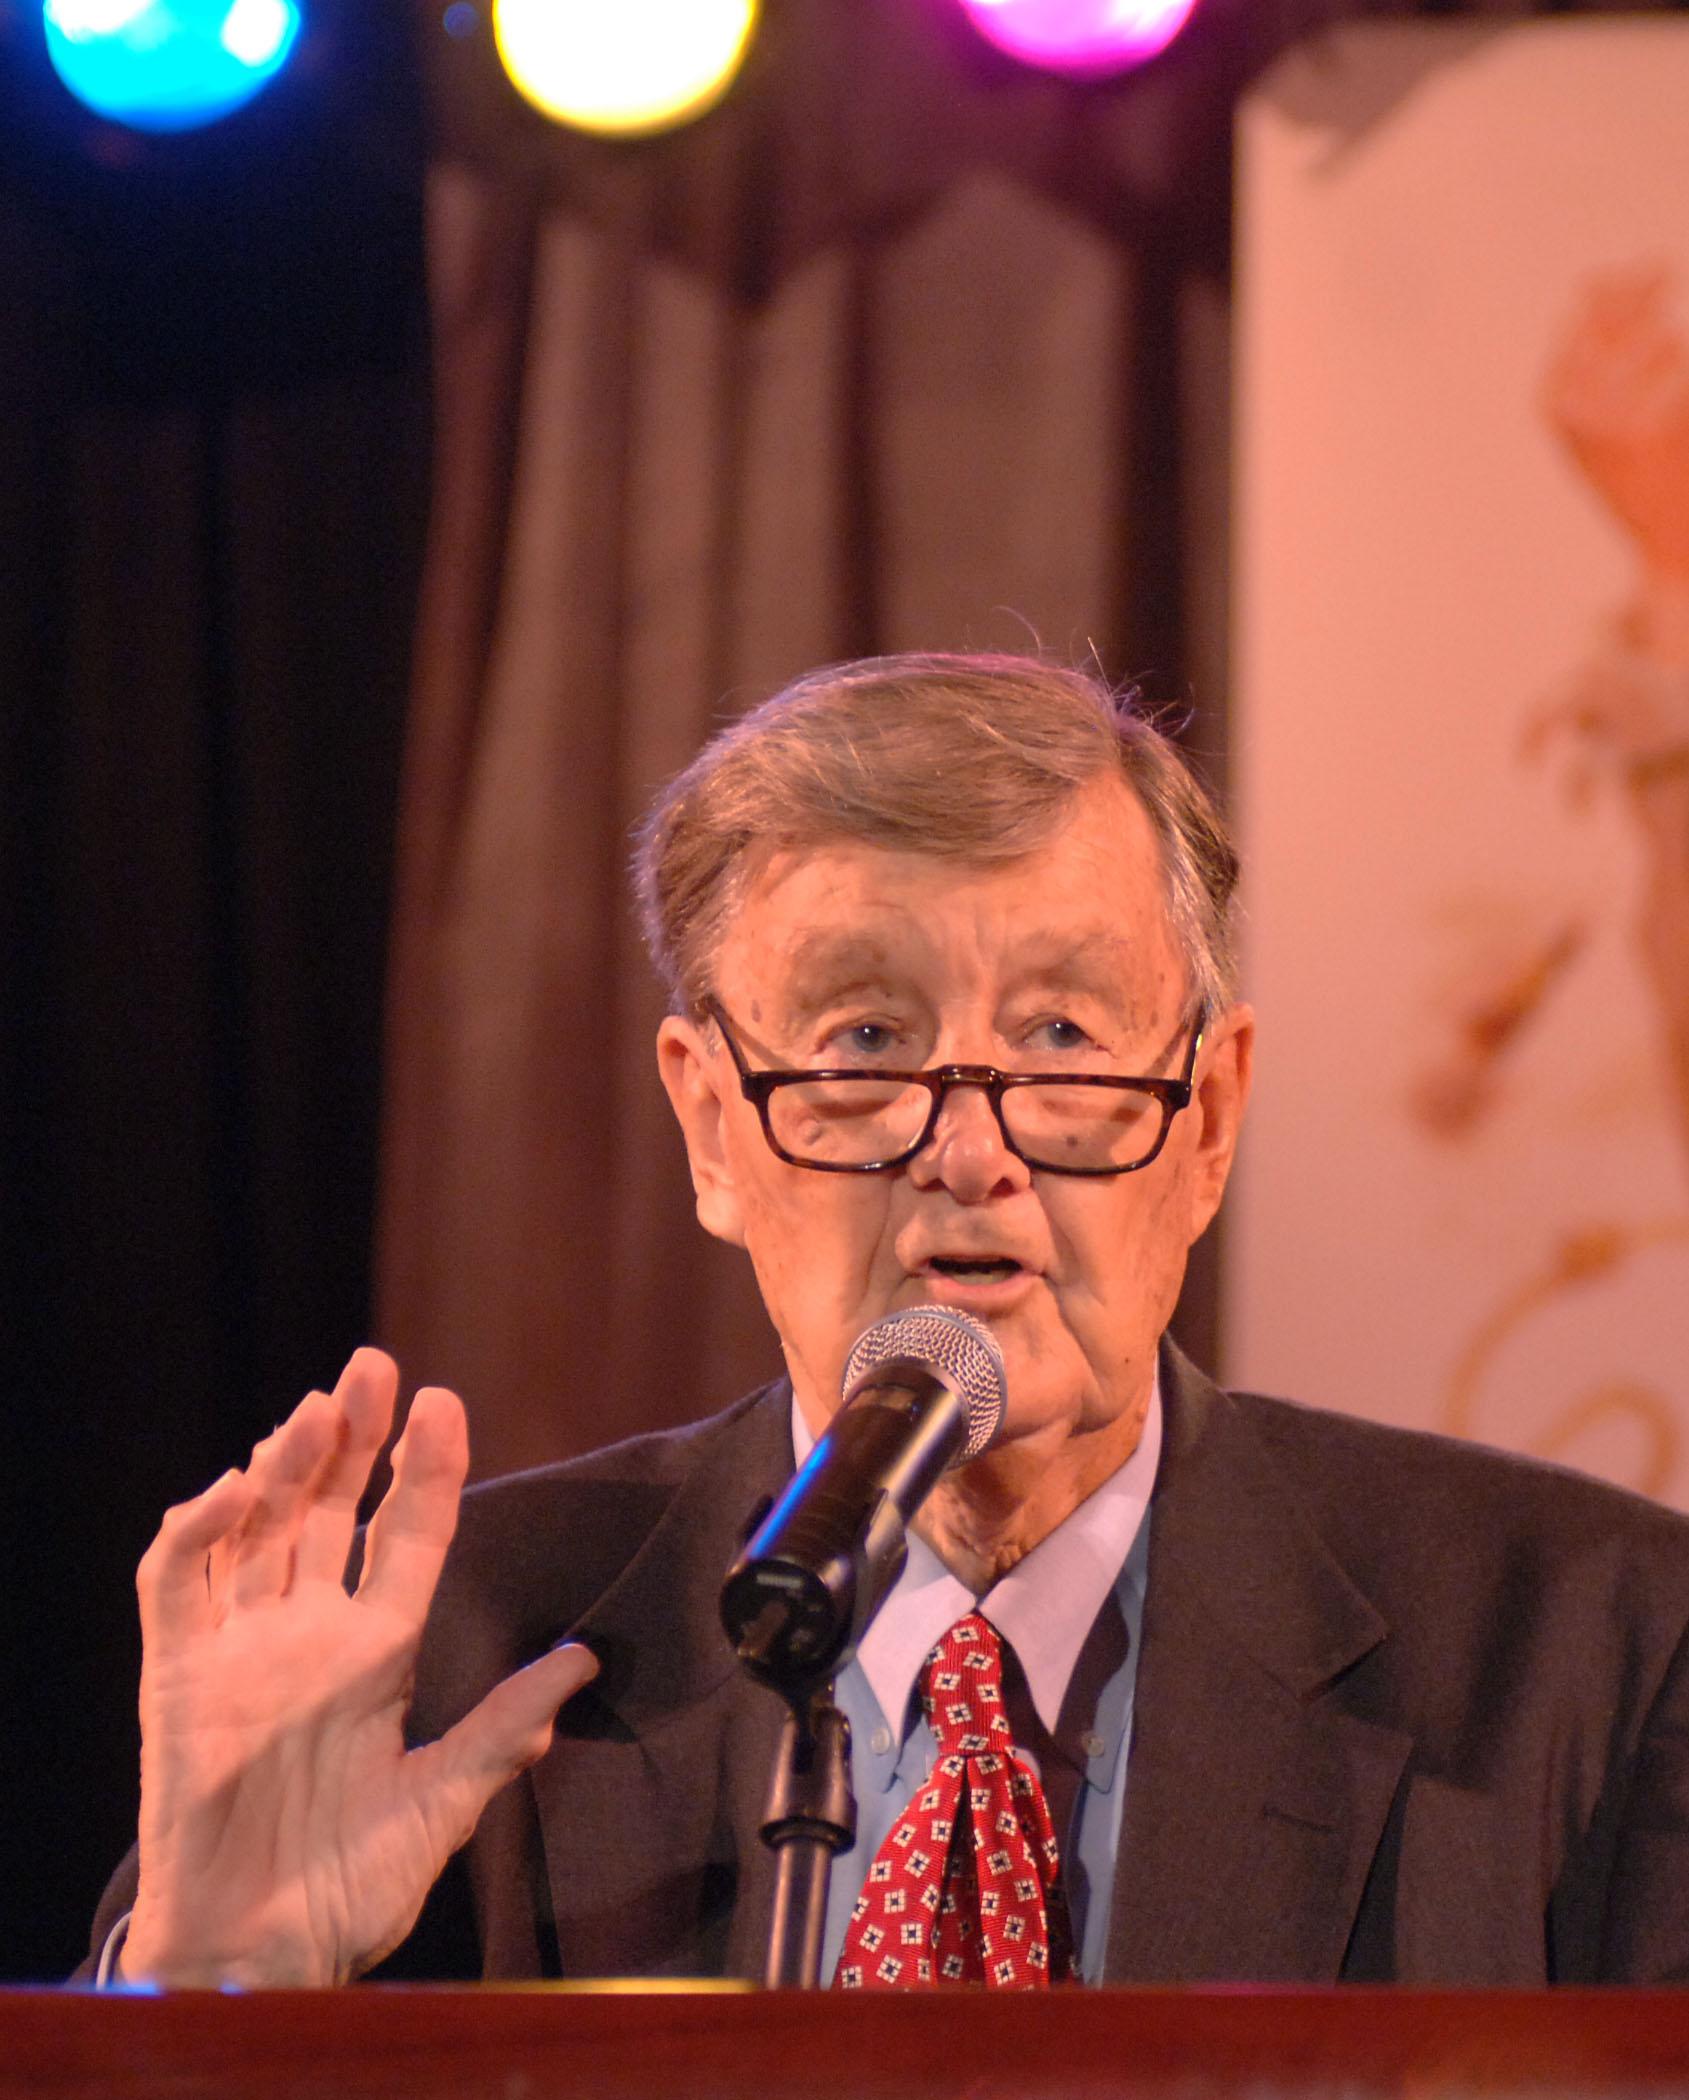 WSB Radio - Honors 40 Years of Larry Munson